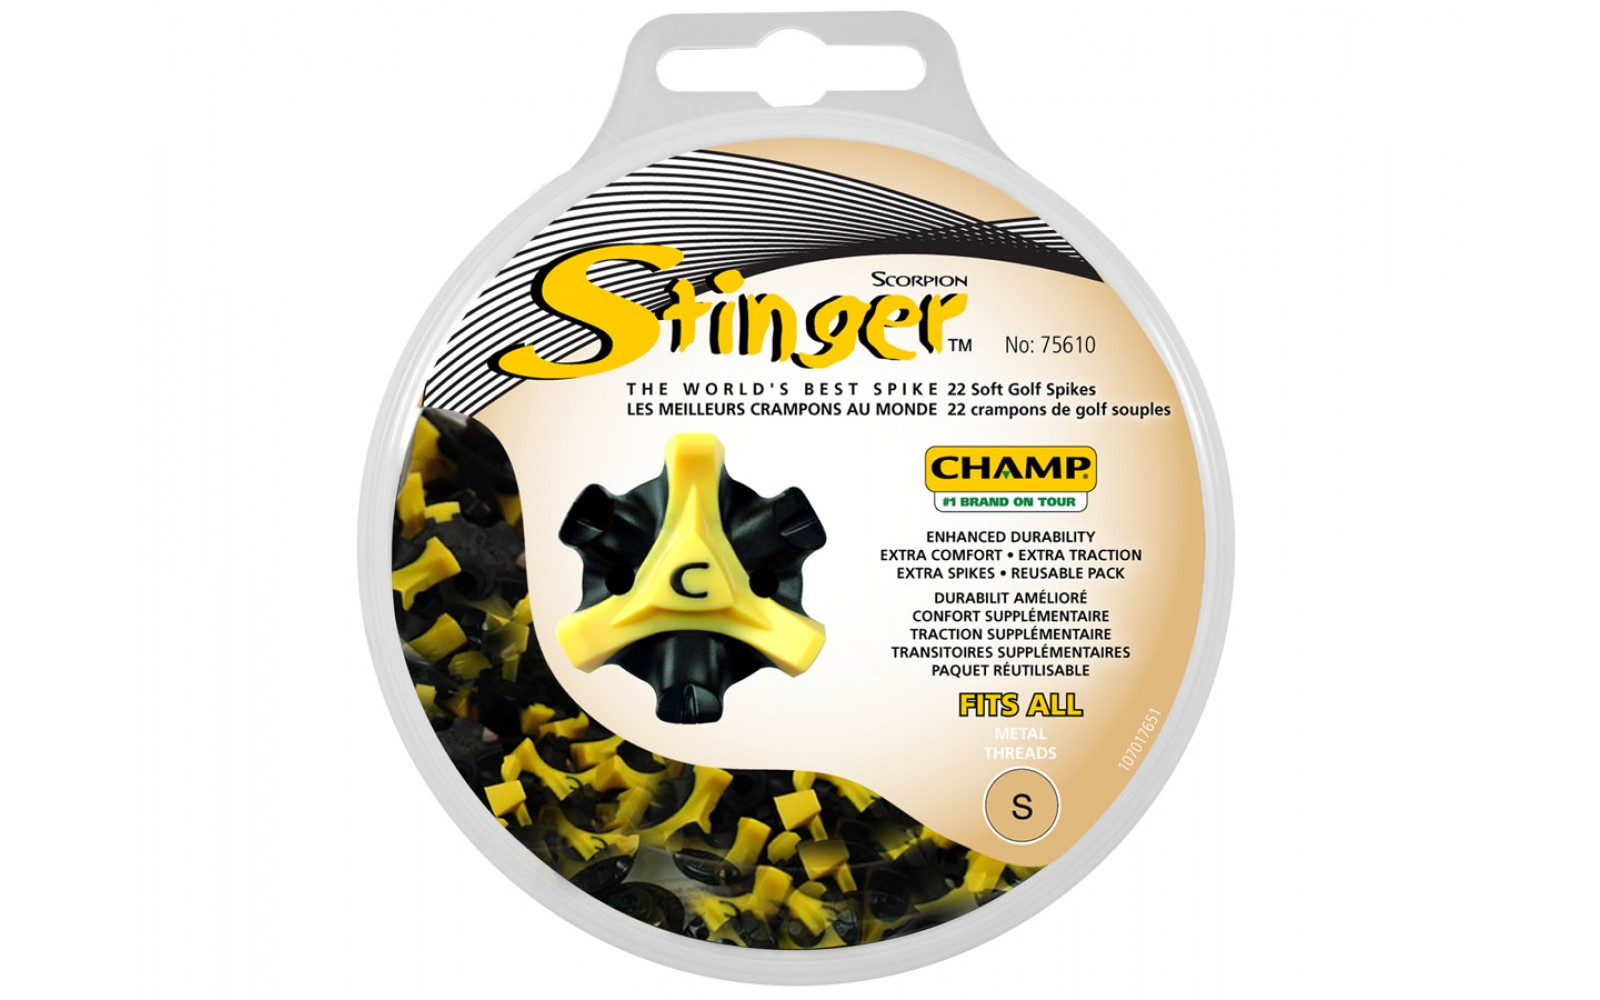 Champ Stinger Spikes disk